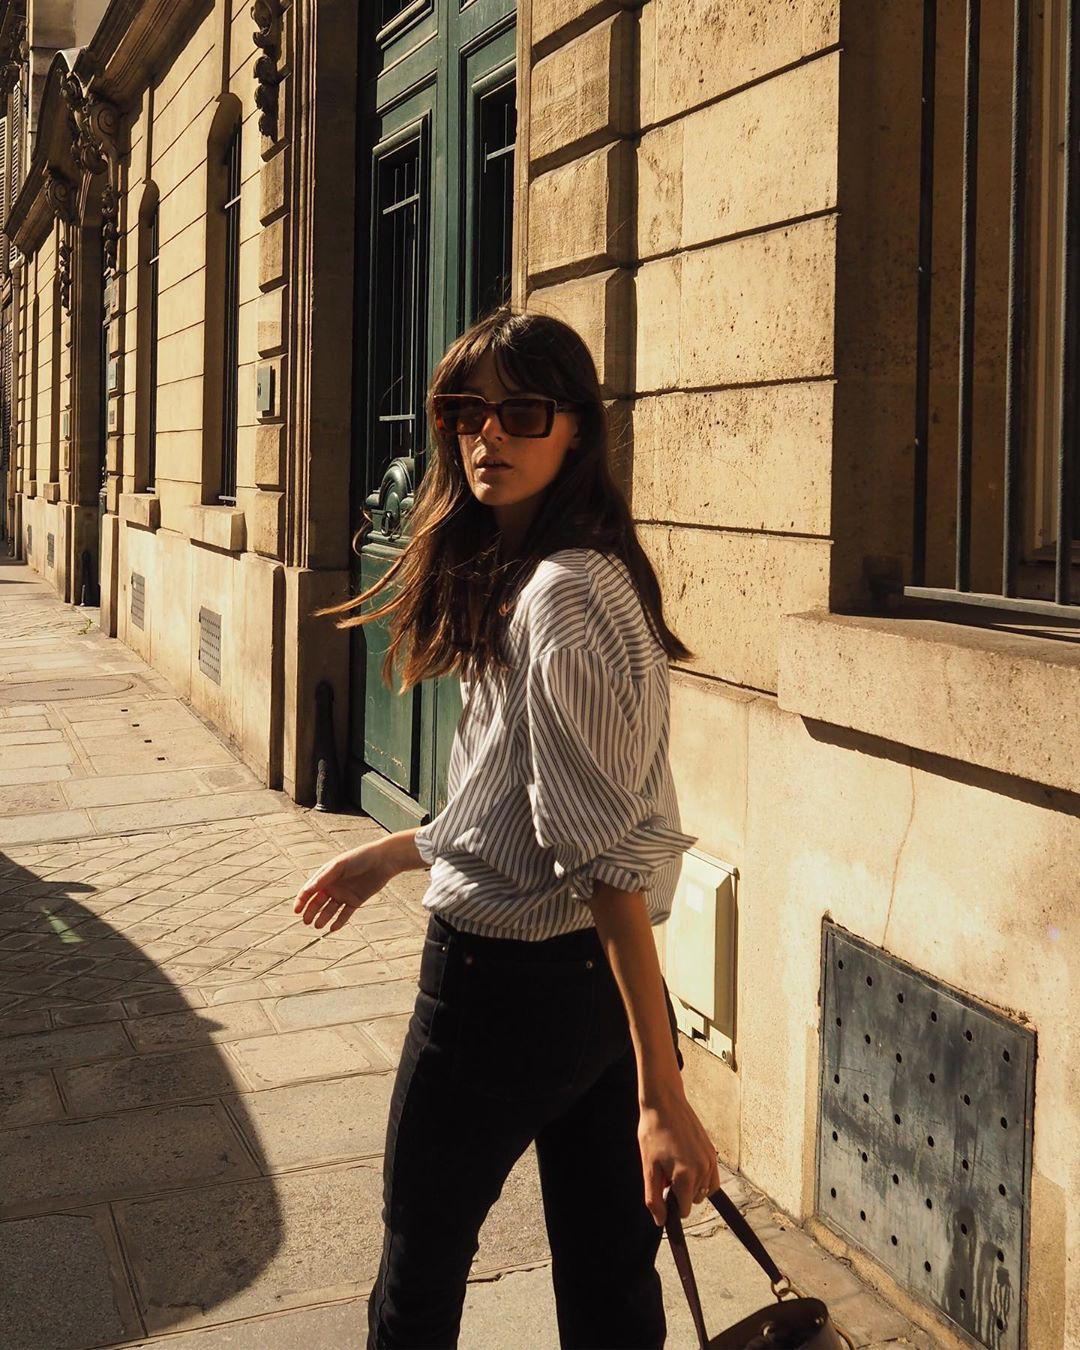 Với 5 items ai mặc cũng đẹp, phụ nữ Pháp đã sở hữu gu thời trang khiến cả thế giới ngưỡng mộ-7